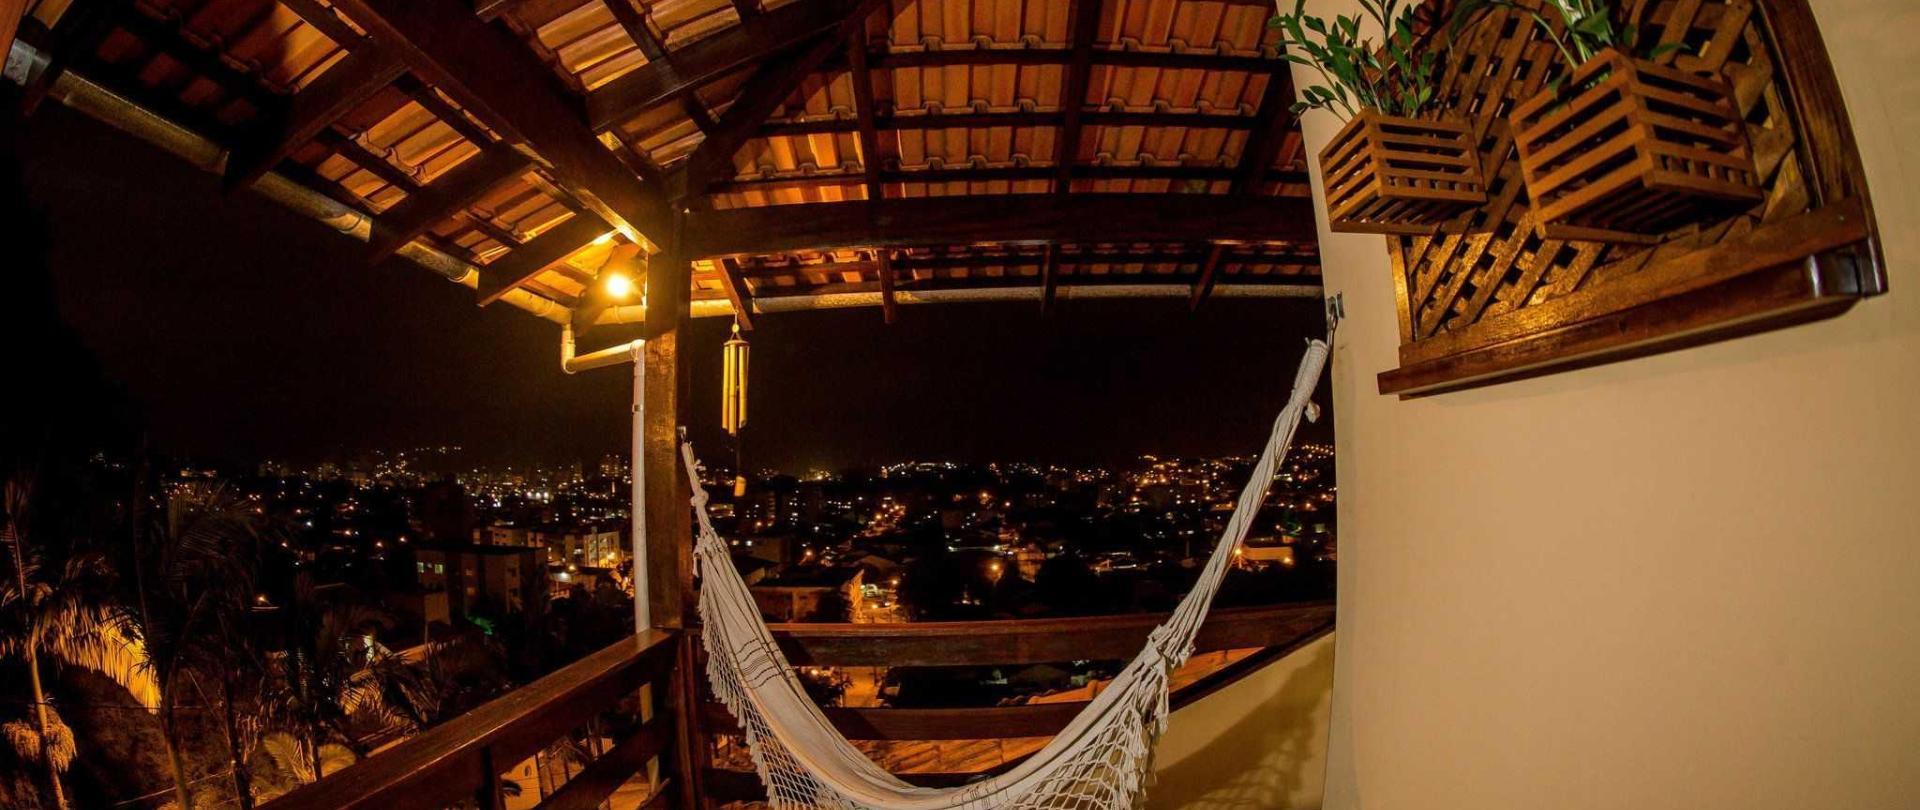 pousada-casar-o-em-jaragu-do-sul-santa-catarina-brasil-205-su-te-tripla-com-hidromassagem-e-vista-da-cidade-e-das-montanhas-vista-da-sacada.jpg